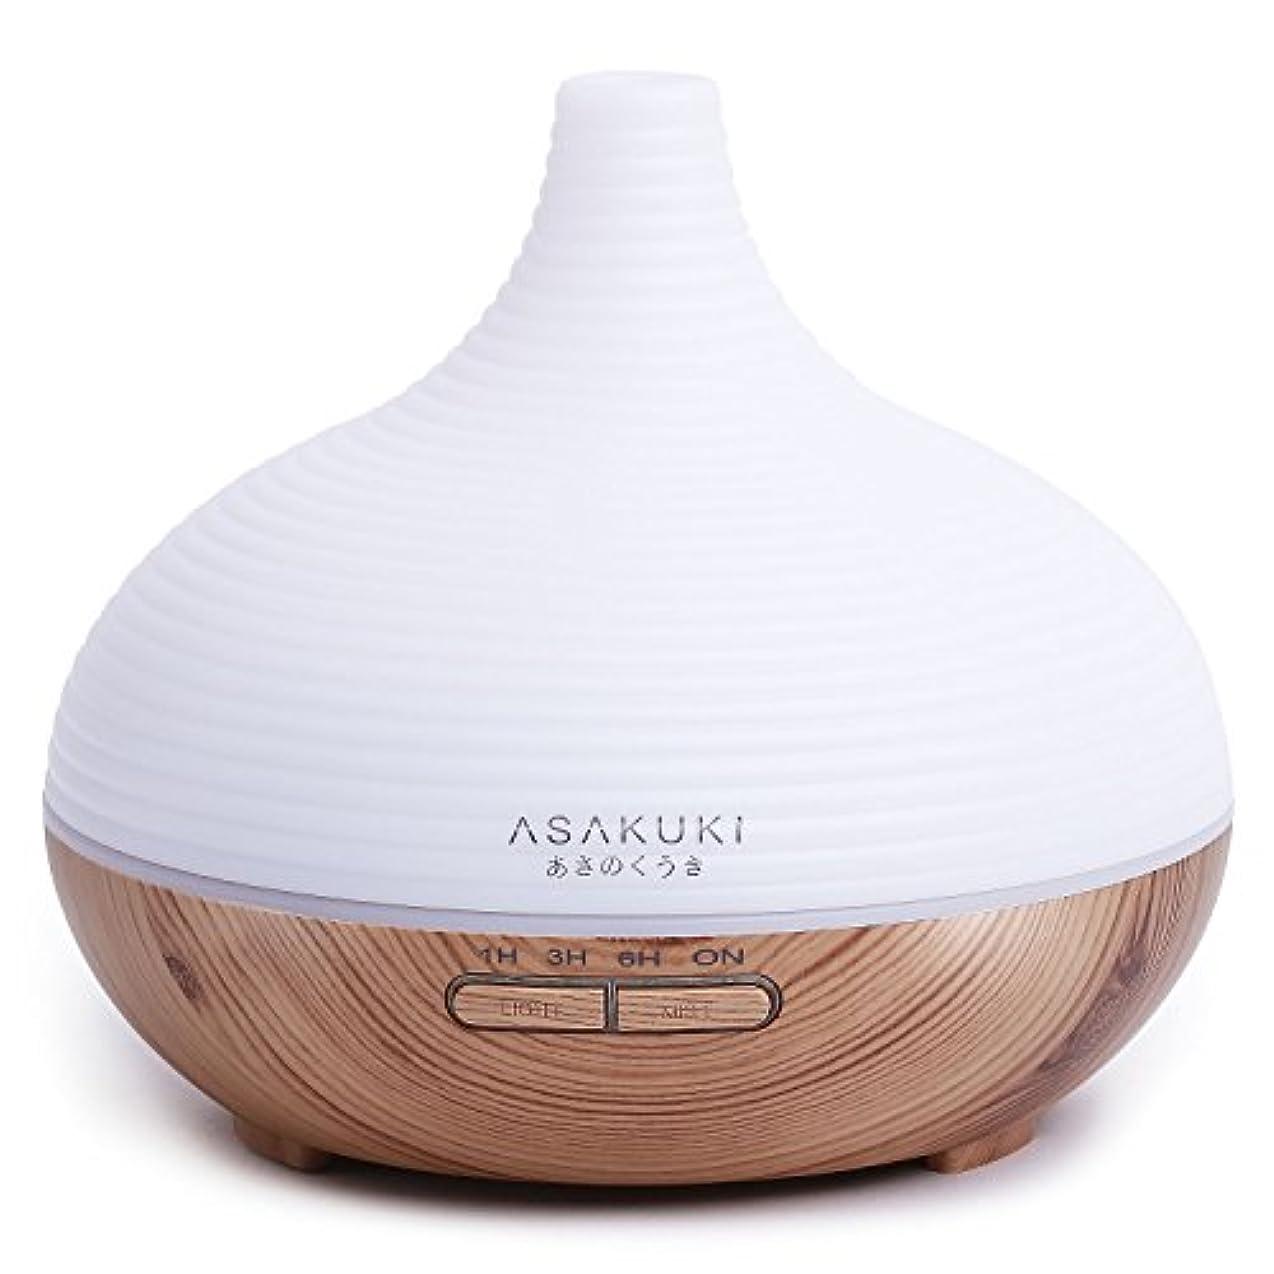 役立つ展示会不完全なasakuki 300 mlプレミアム、Essential Oil Diffuser、静かな5 - in - 1加湿器、自然Home Fragrance Diffuser with 7 LEDの色変更ライトと簡単にクリーン...